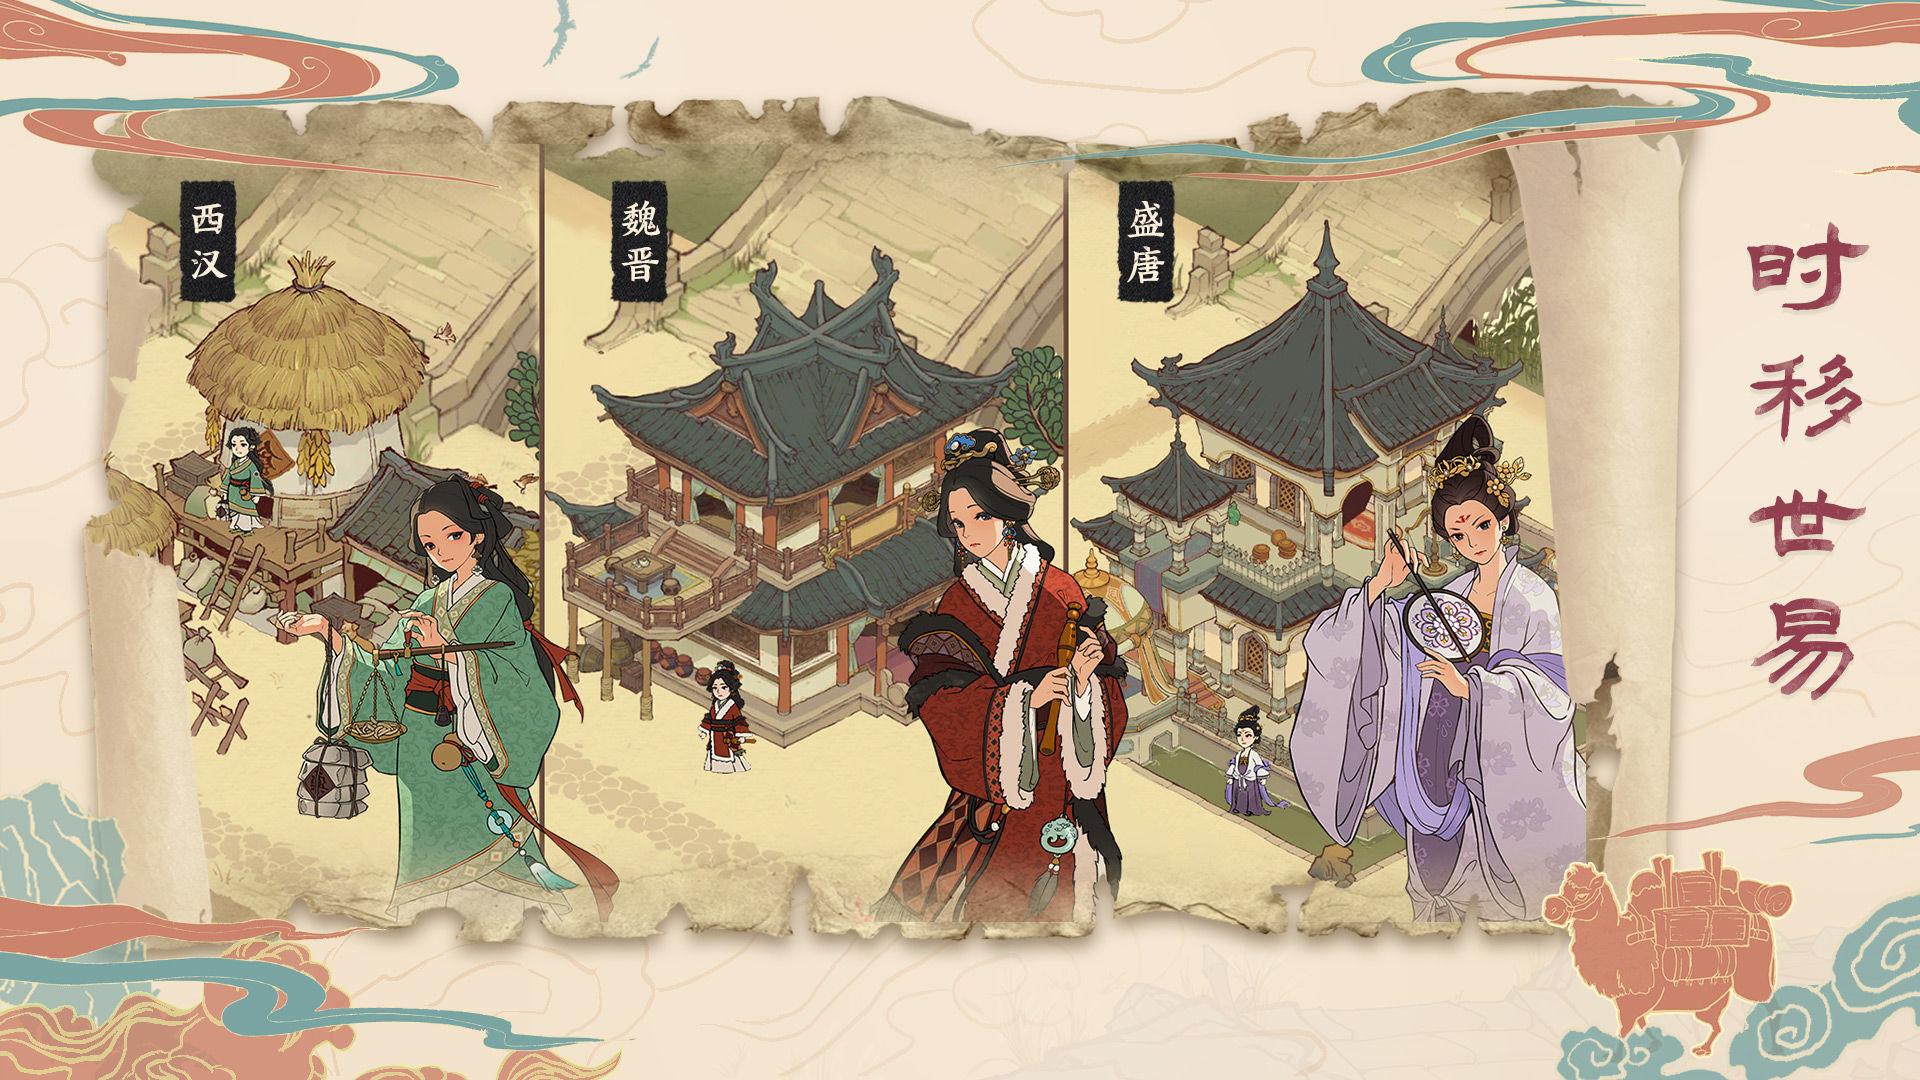 千年关外行游戏官方测试版图2: